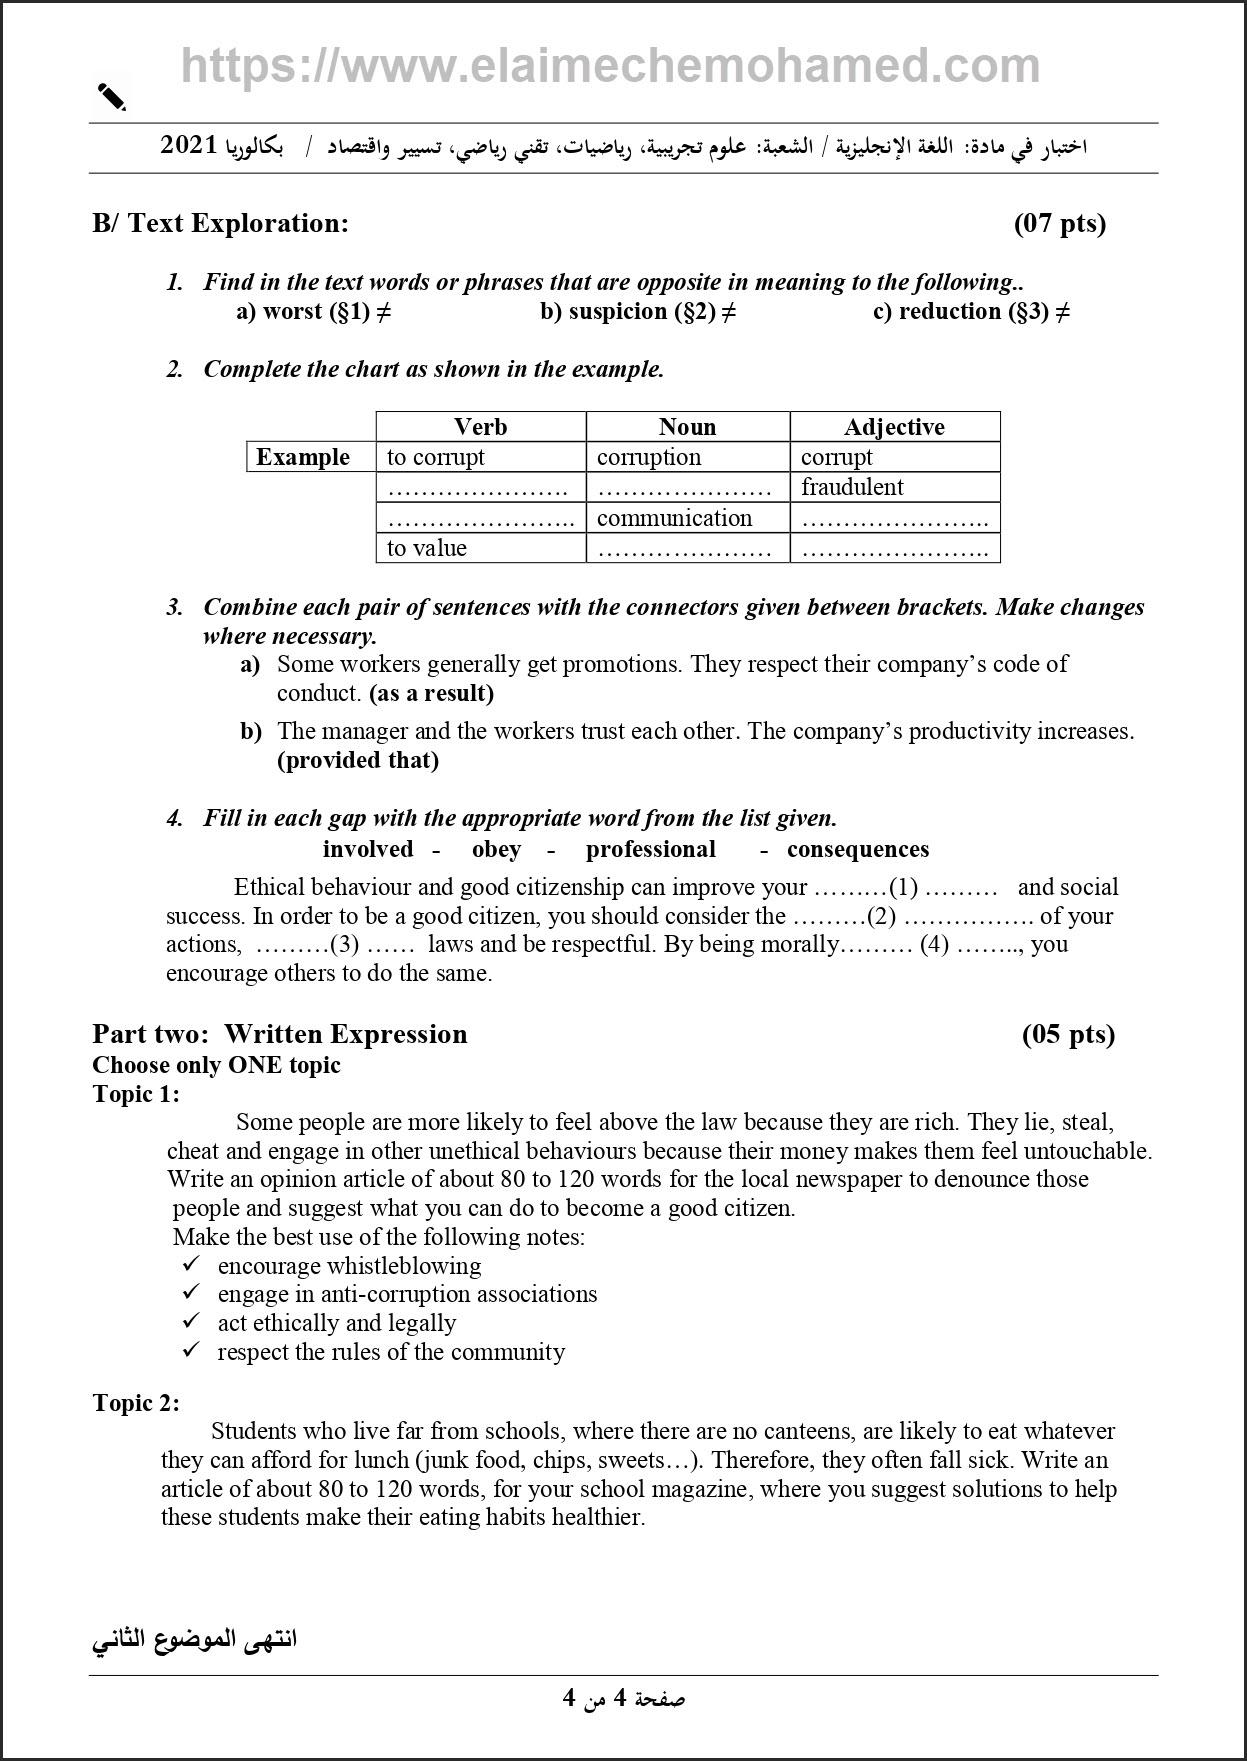 اختبار مادة اللغة الانجليزية